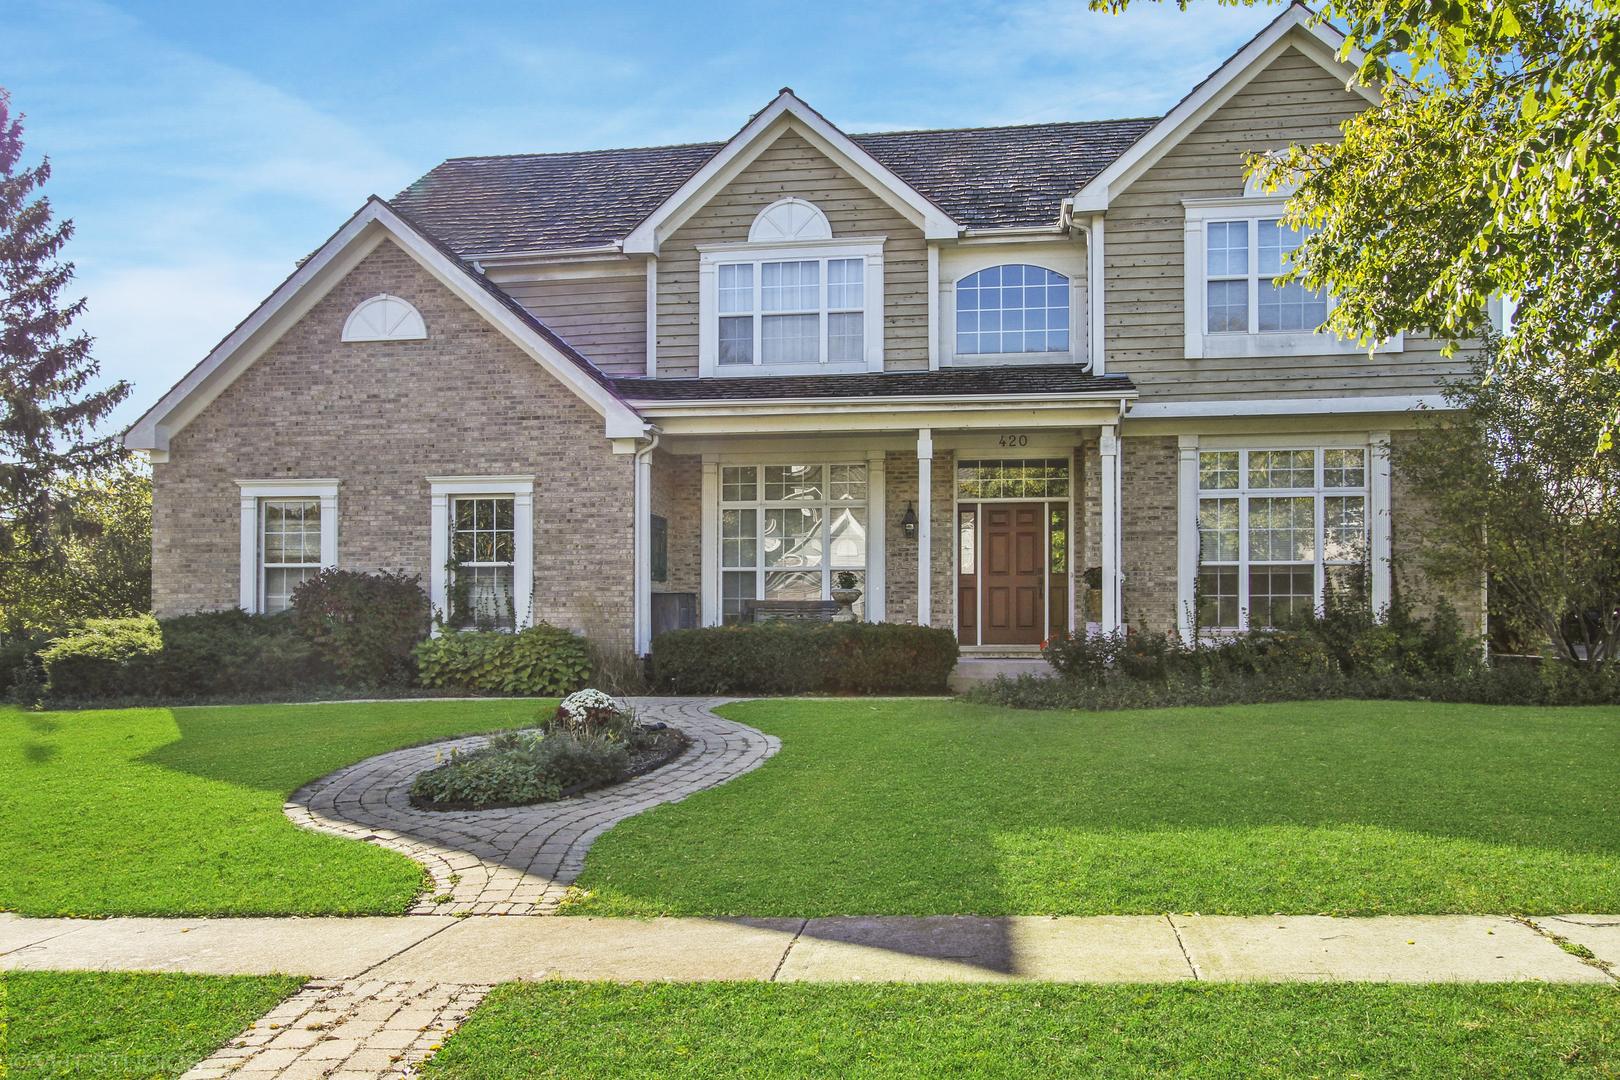 420 Morgan Lane, Fox River Grove, IL 60021